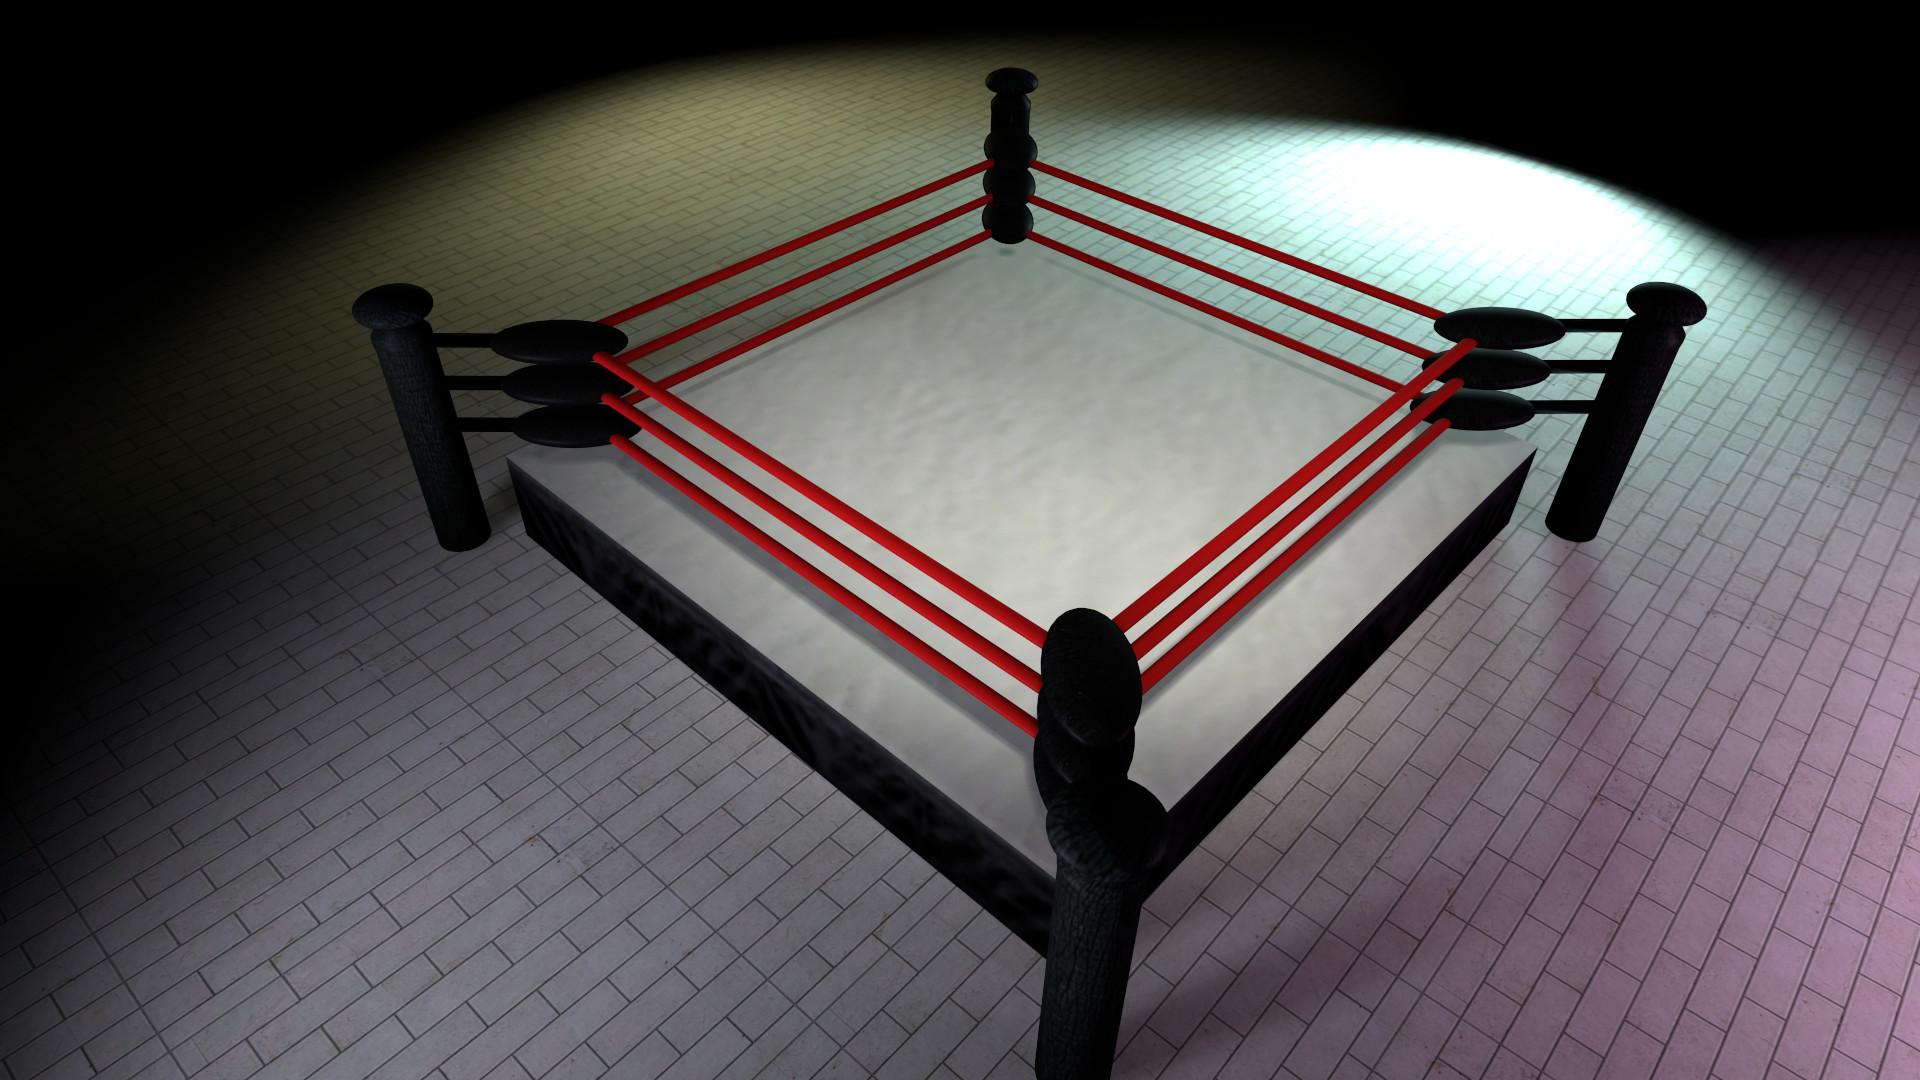 … Wrestling Ring Prop (SFM Release) by Vitezislav